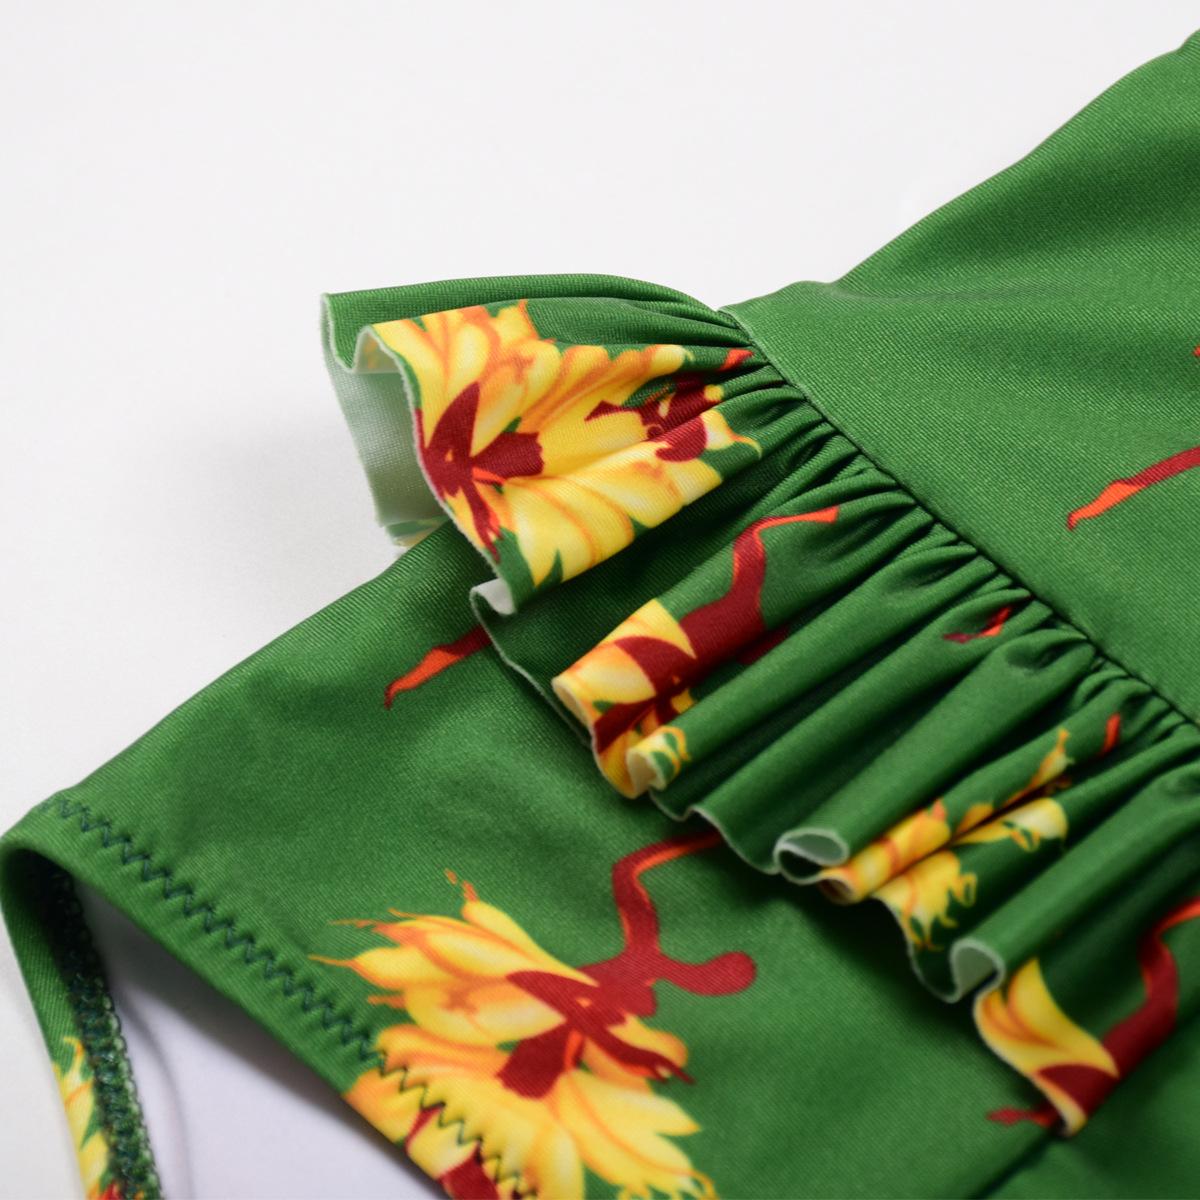 Cotton Fashion  Bikini  (Picture color-S)  Swimwear NHHL1132-Picture-color-S